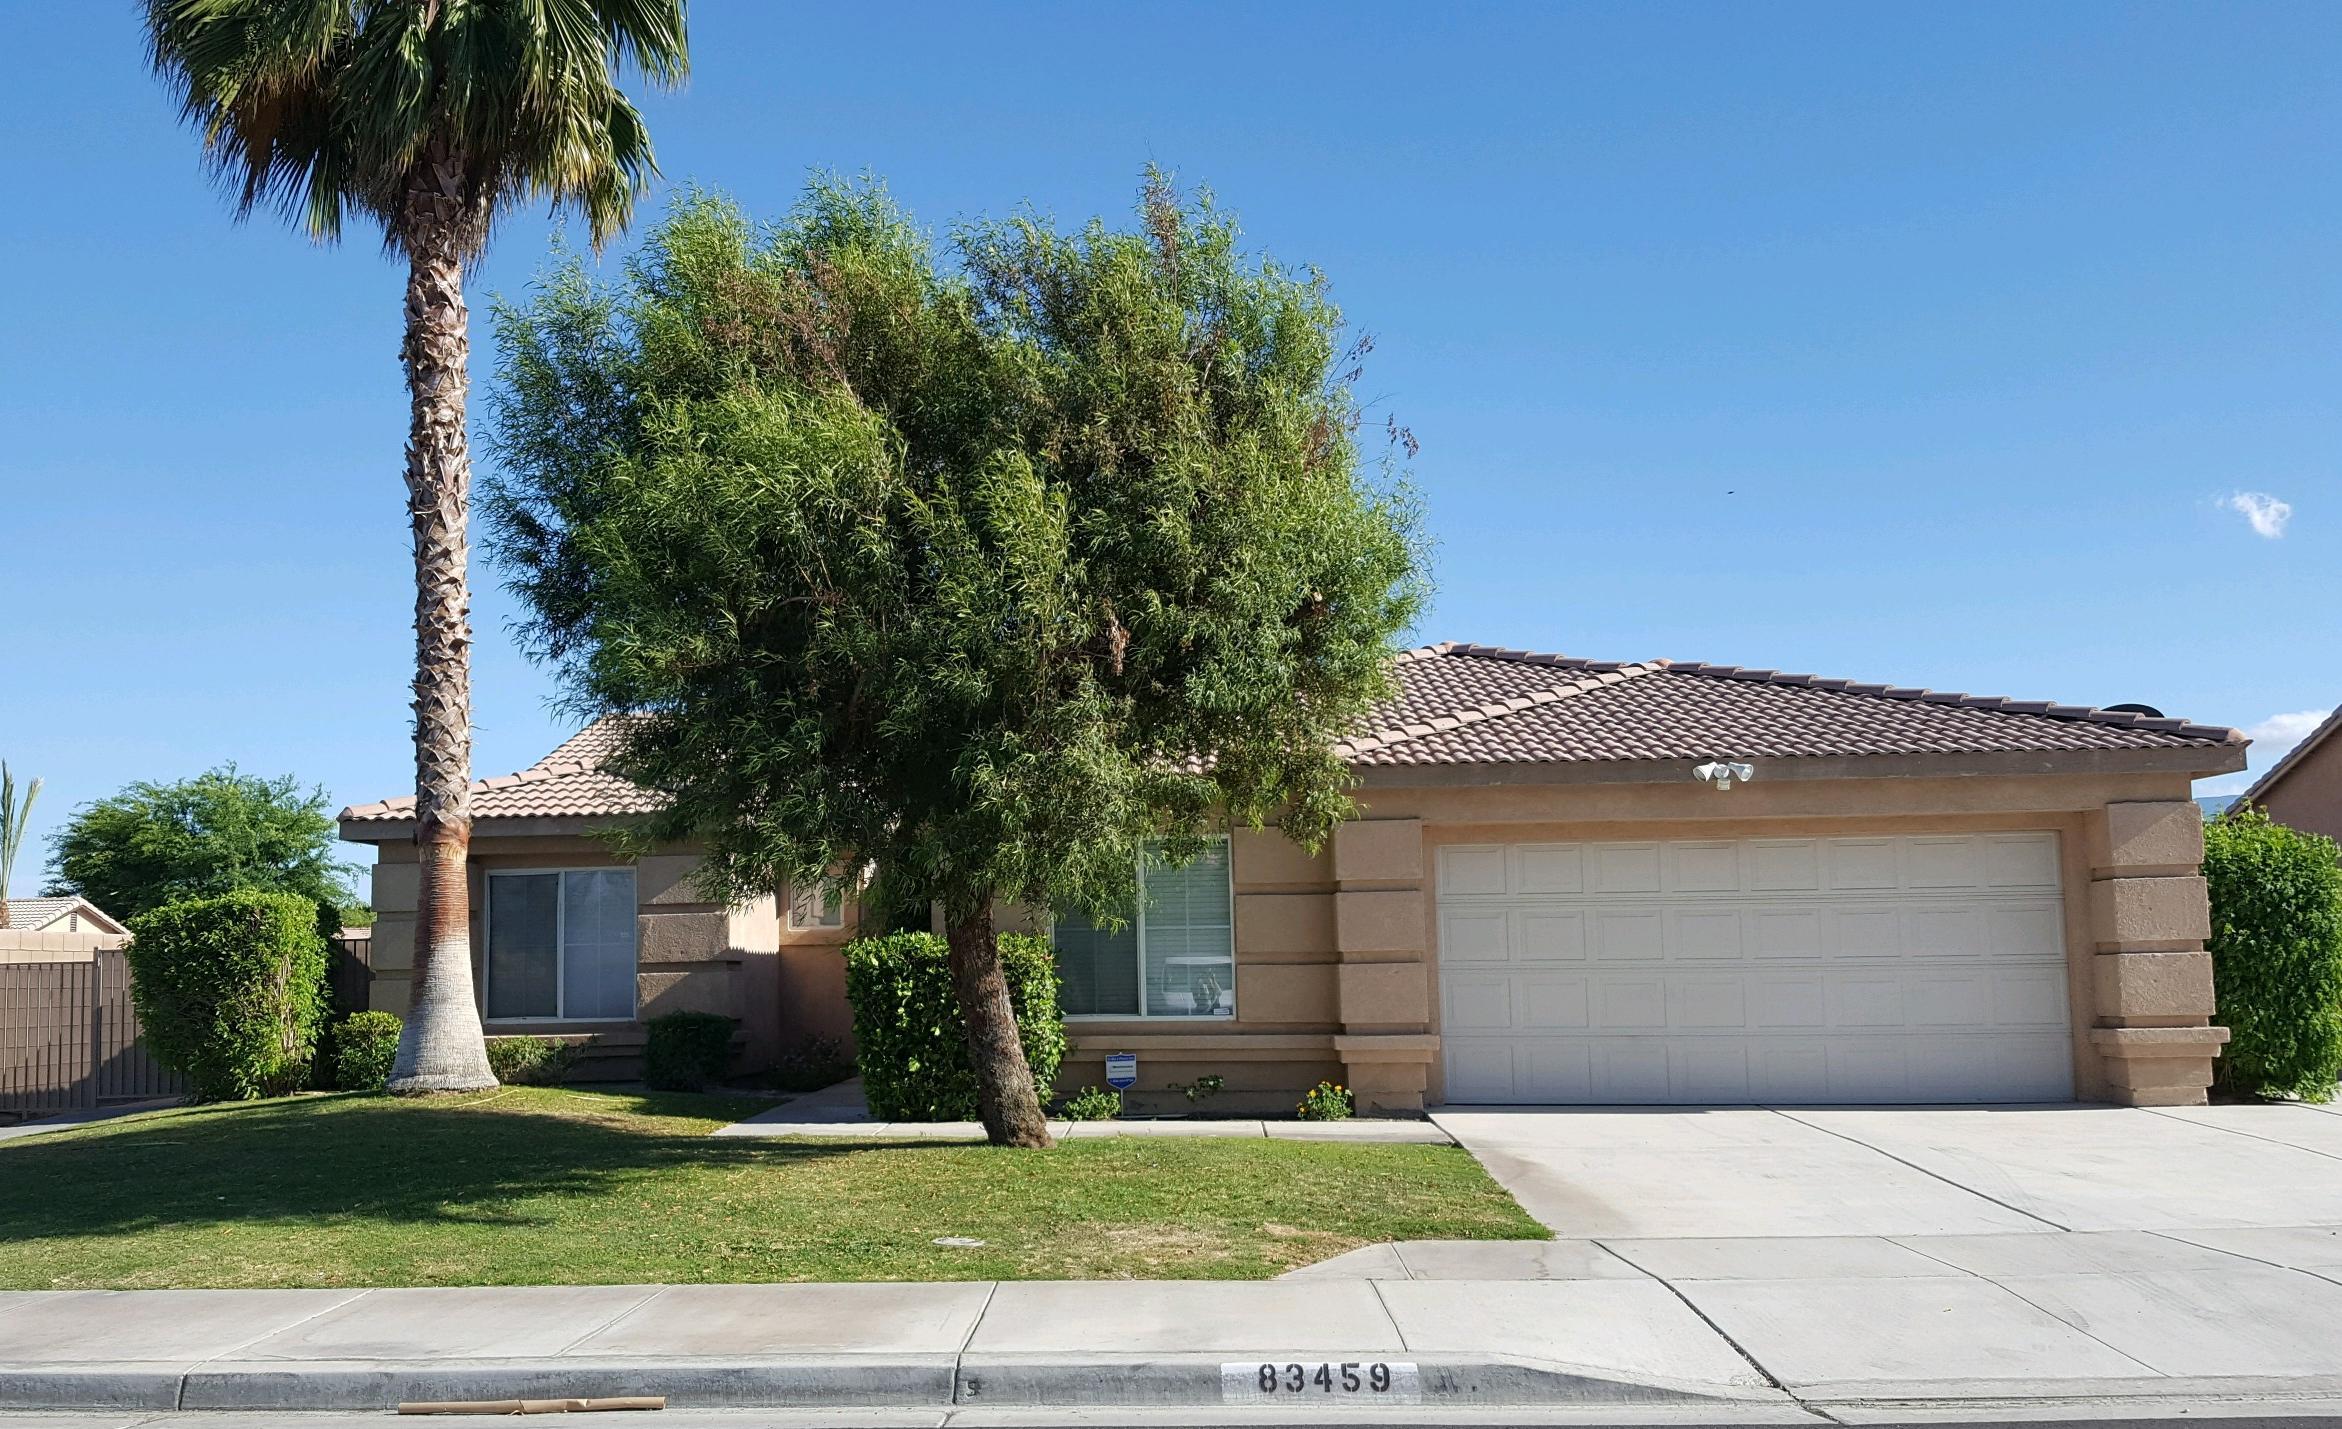 Photo of 83459 Mantica Court, Indio, CA 92201